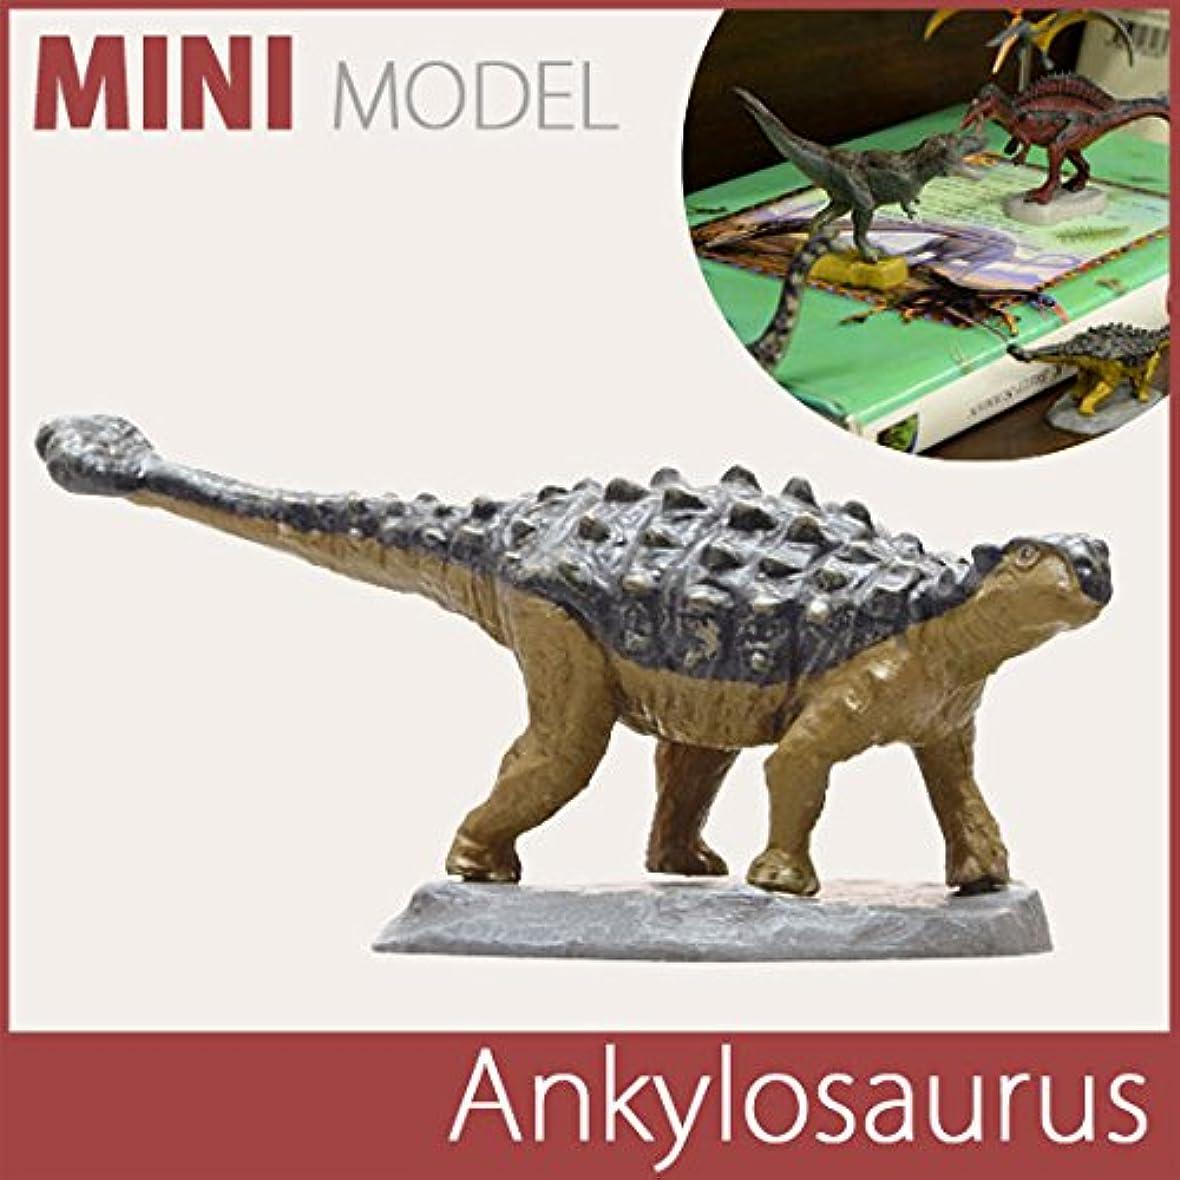 サワーラベンダー外側FAVORITE(フェバリット) 恐竜フィギュア 恐竜ミニモデル アンキロサウルス